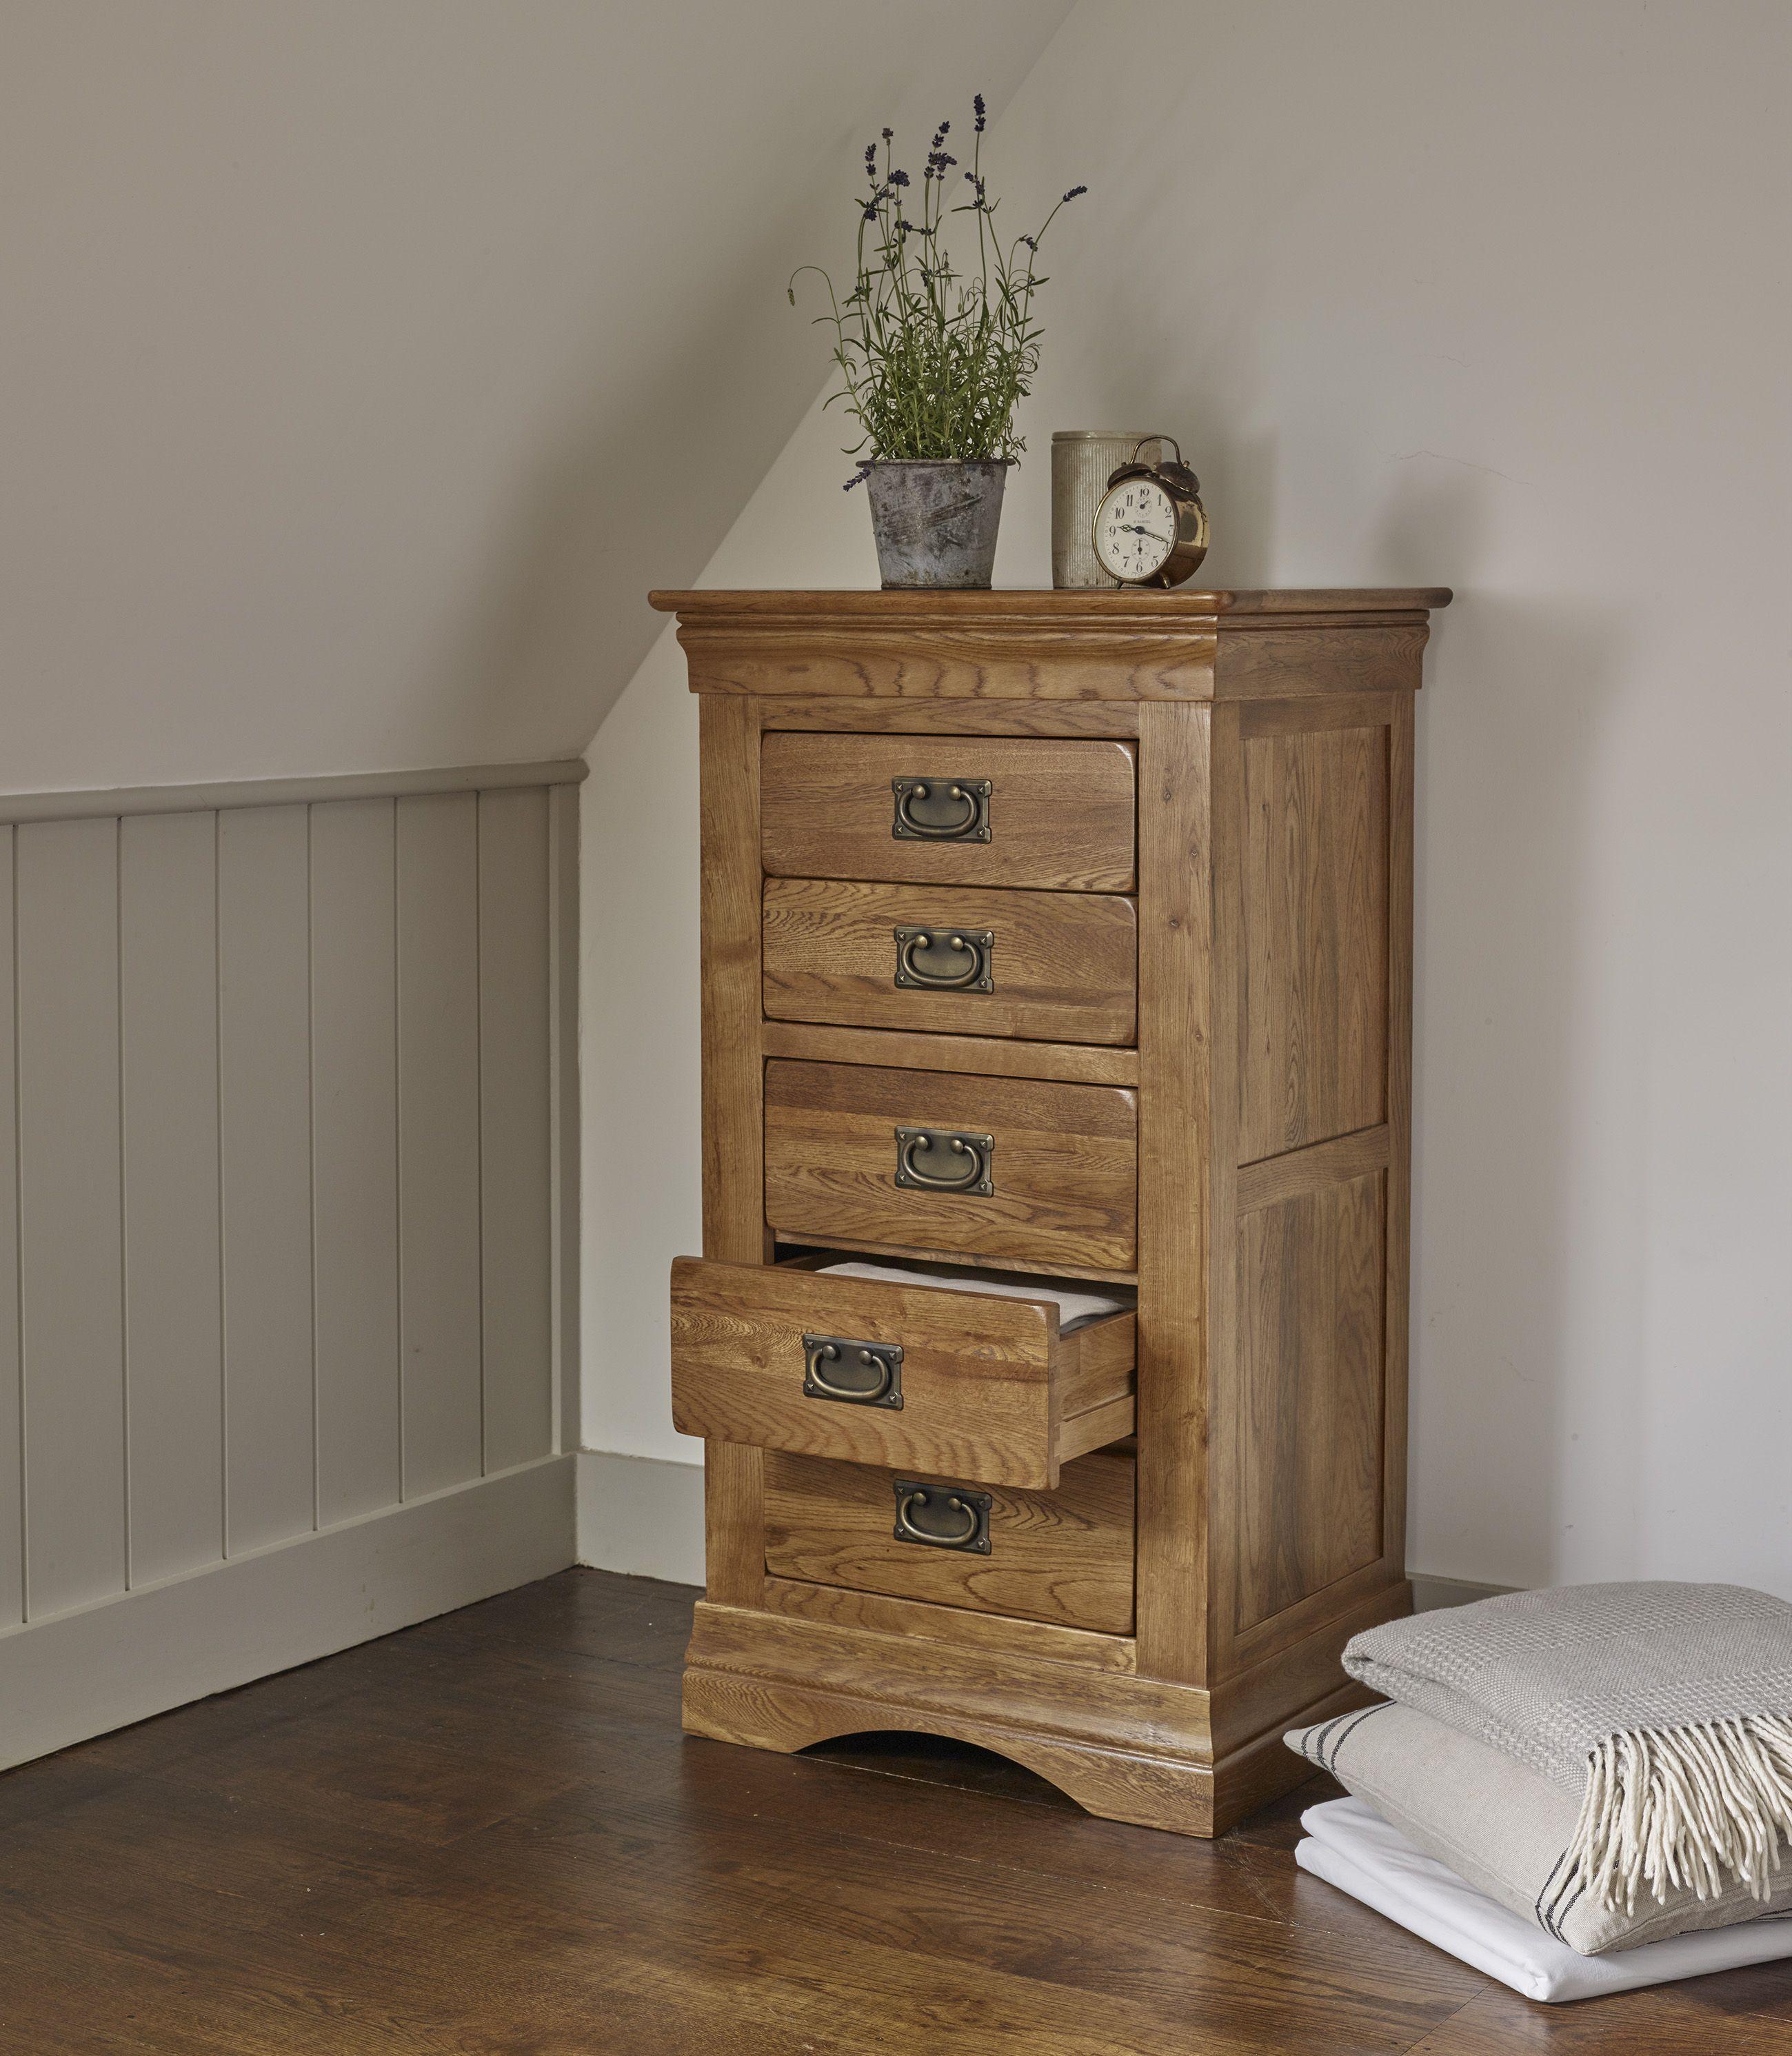 French farmhouse rustic solid oak 5 drawer tallboy